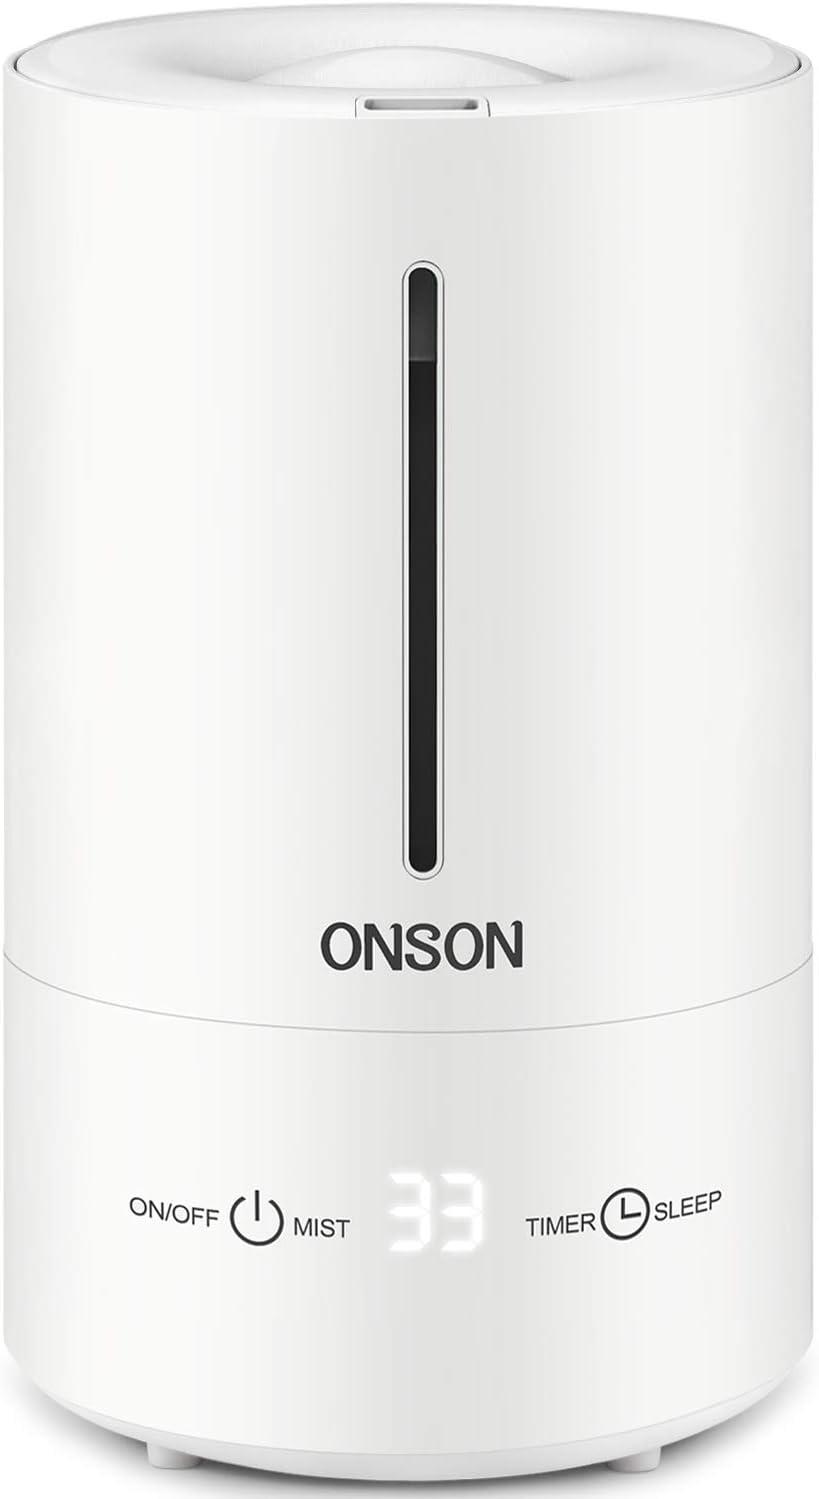 ONSON